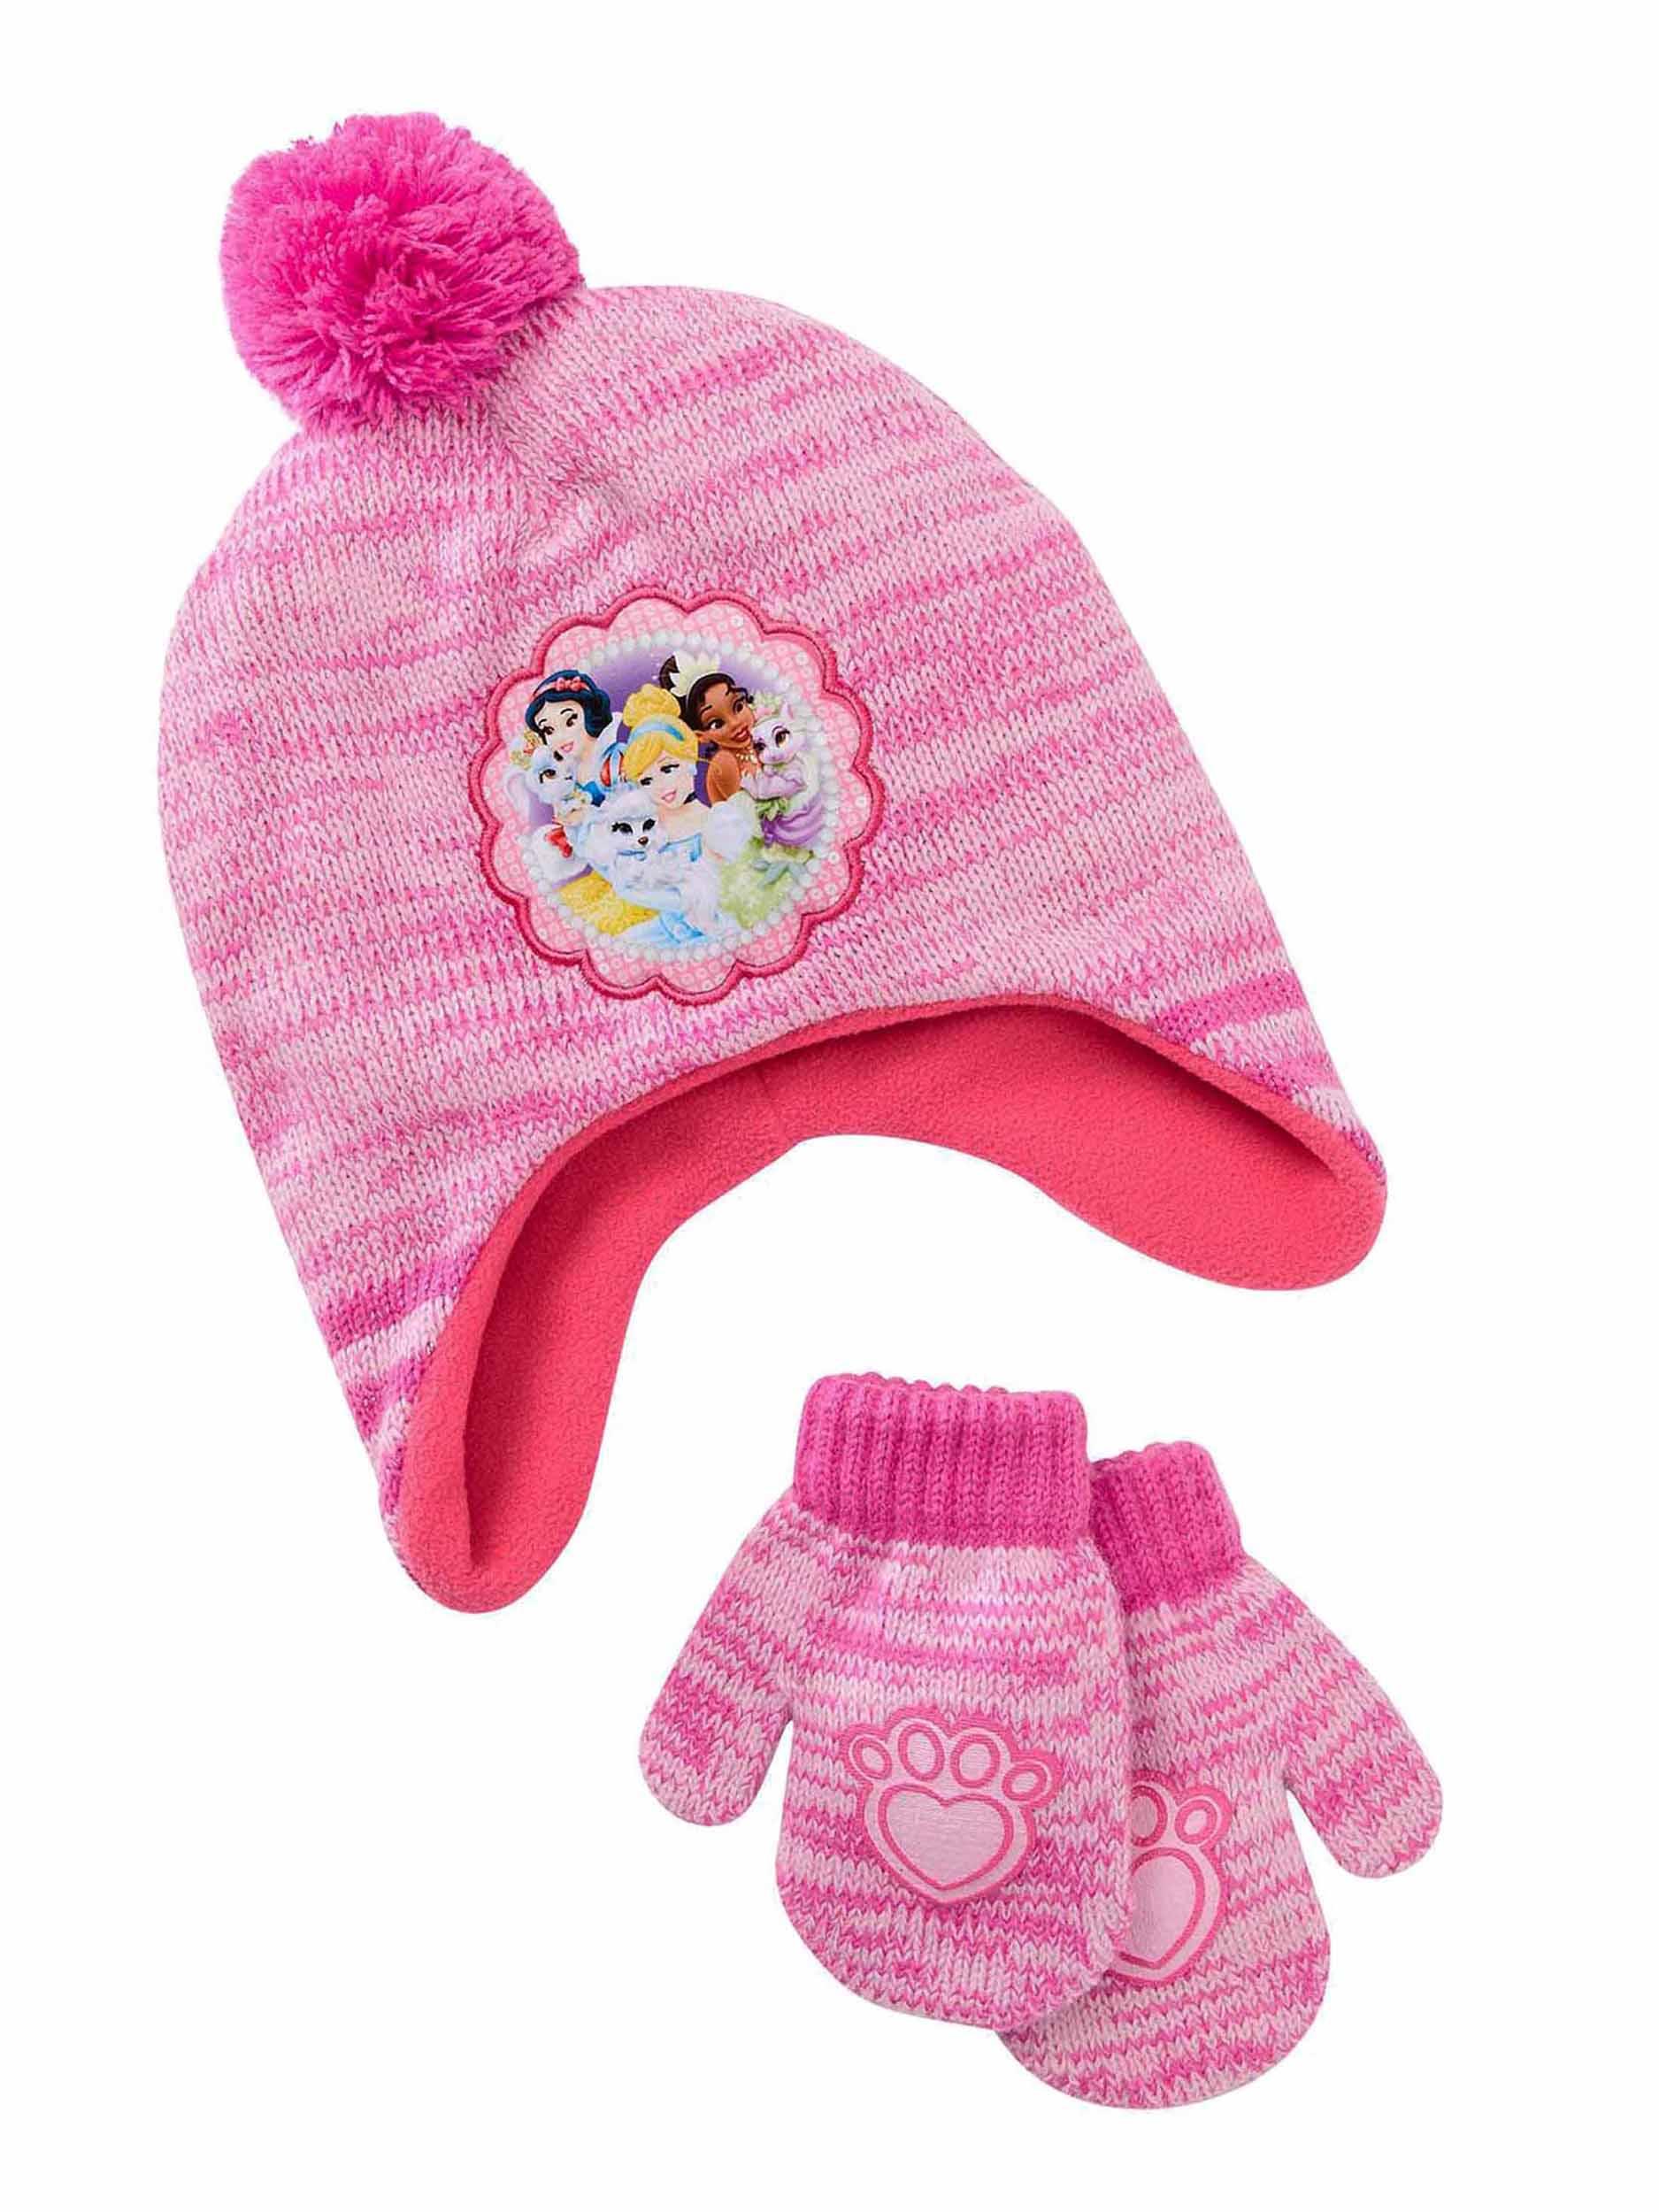 5cd2af738b9 Toddler Girls Disney Princess Palace Pets Fleece Lined Hat   Mittens Set  2T-4T